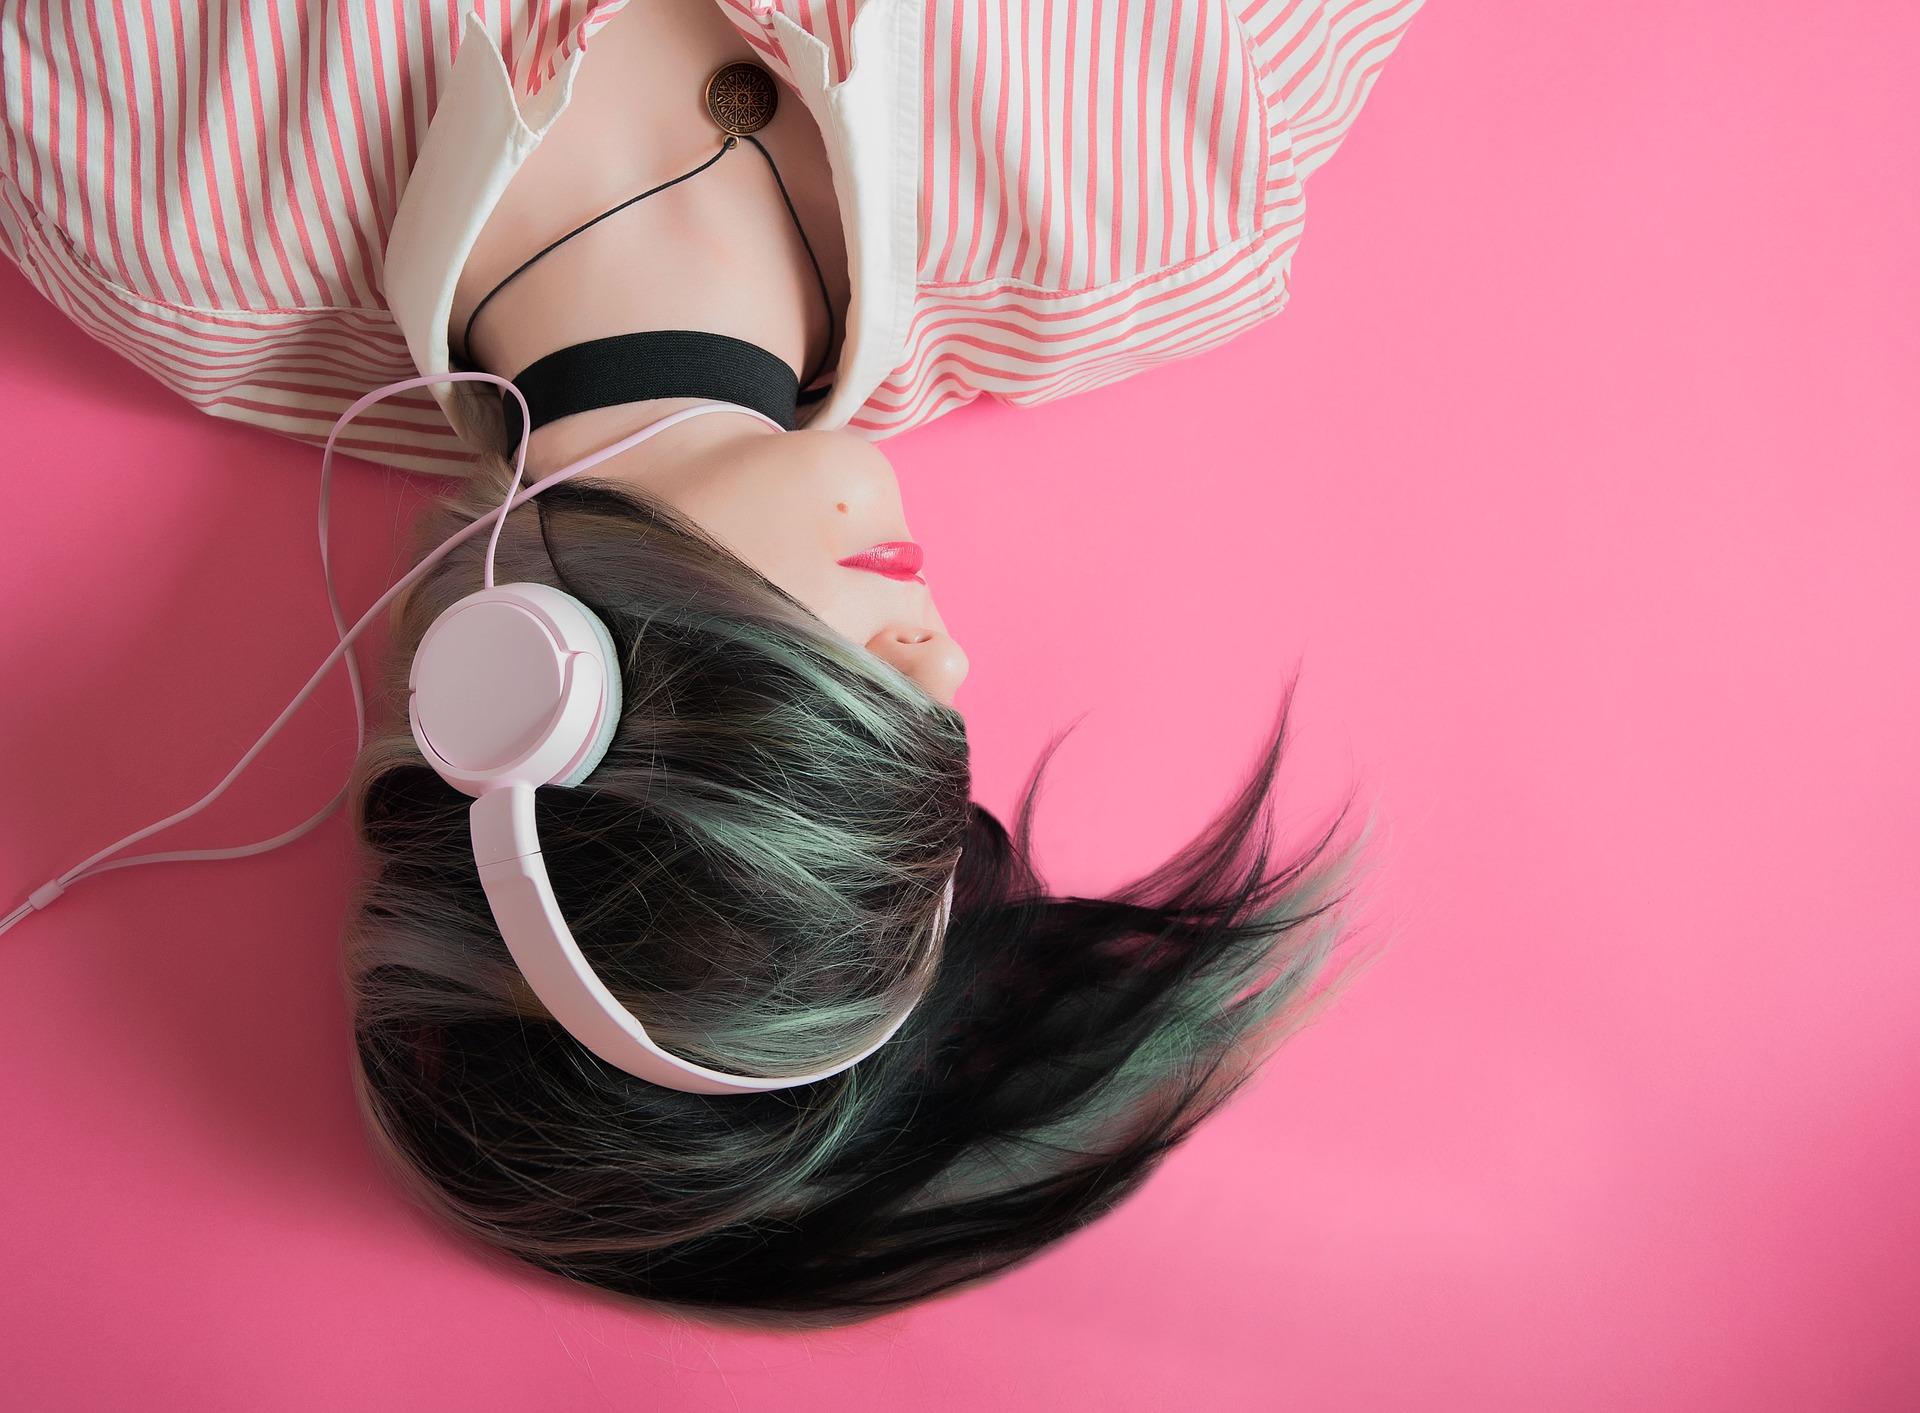 ucz się angielskiego przez słuchanie, kobieta ze słuchawkami w różu